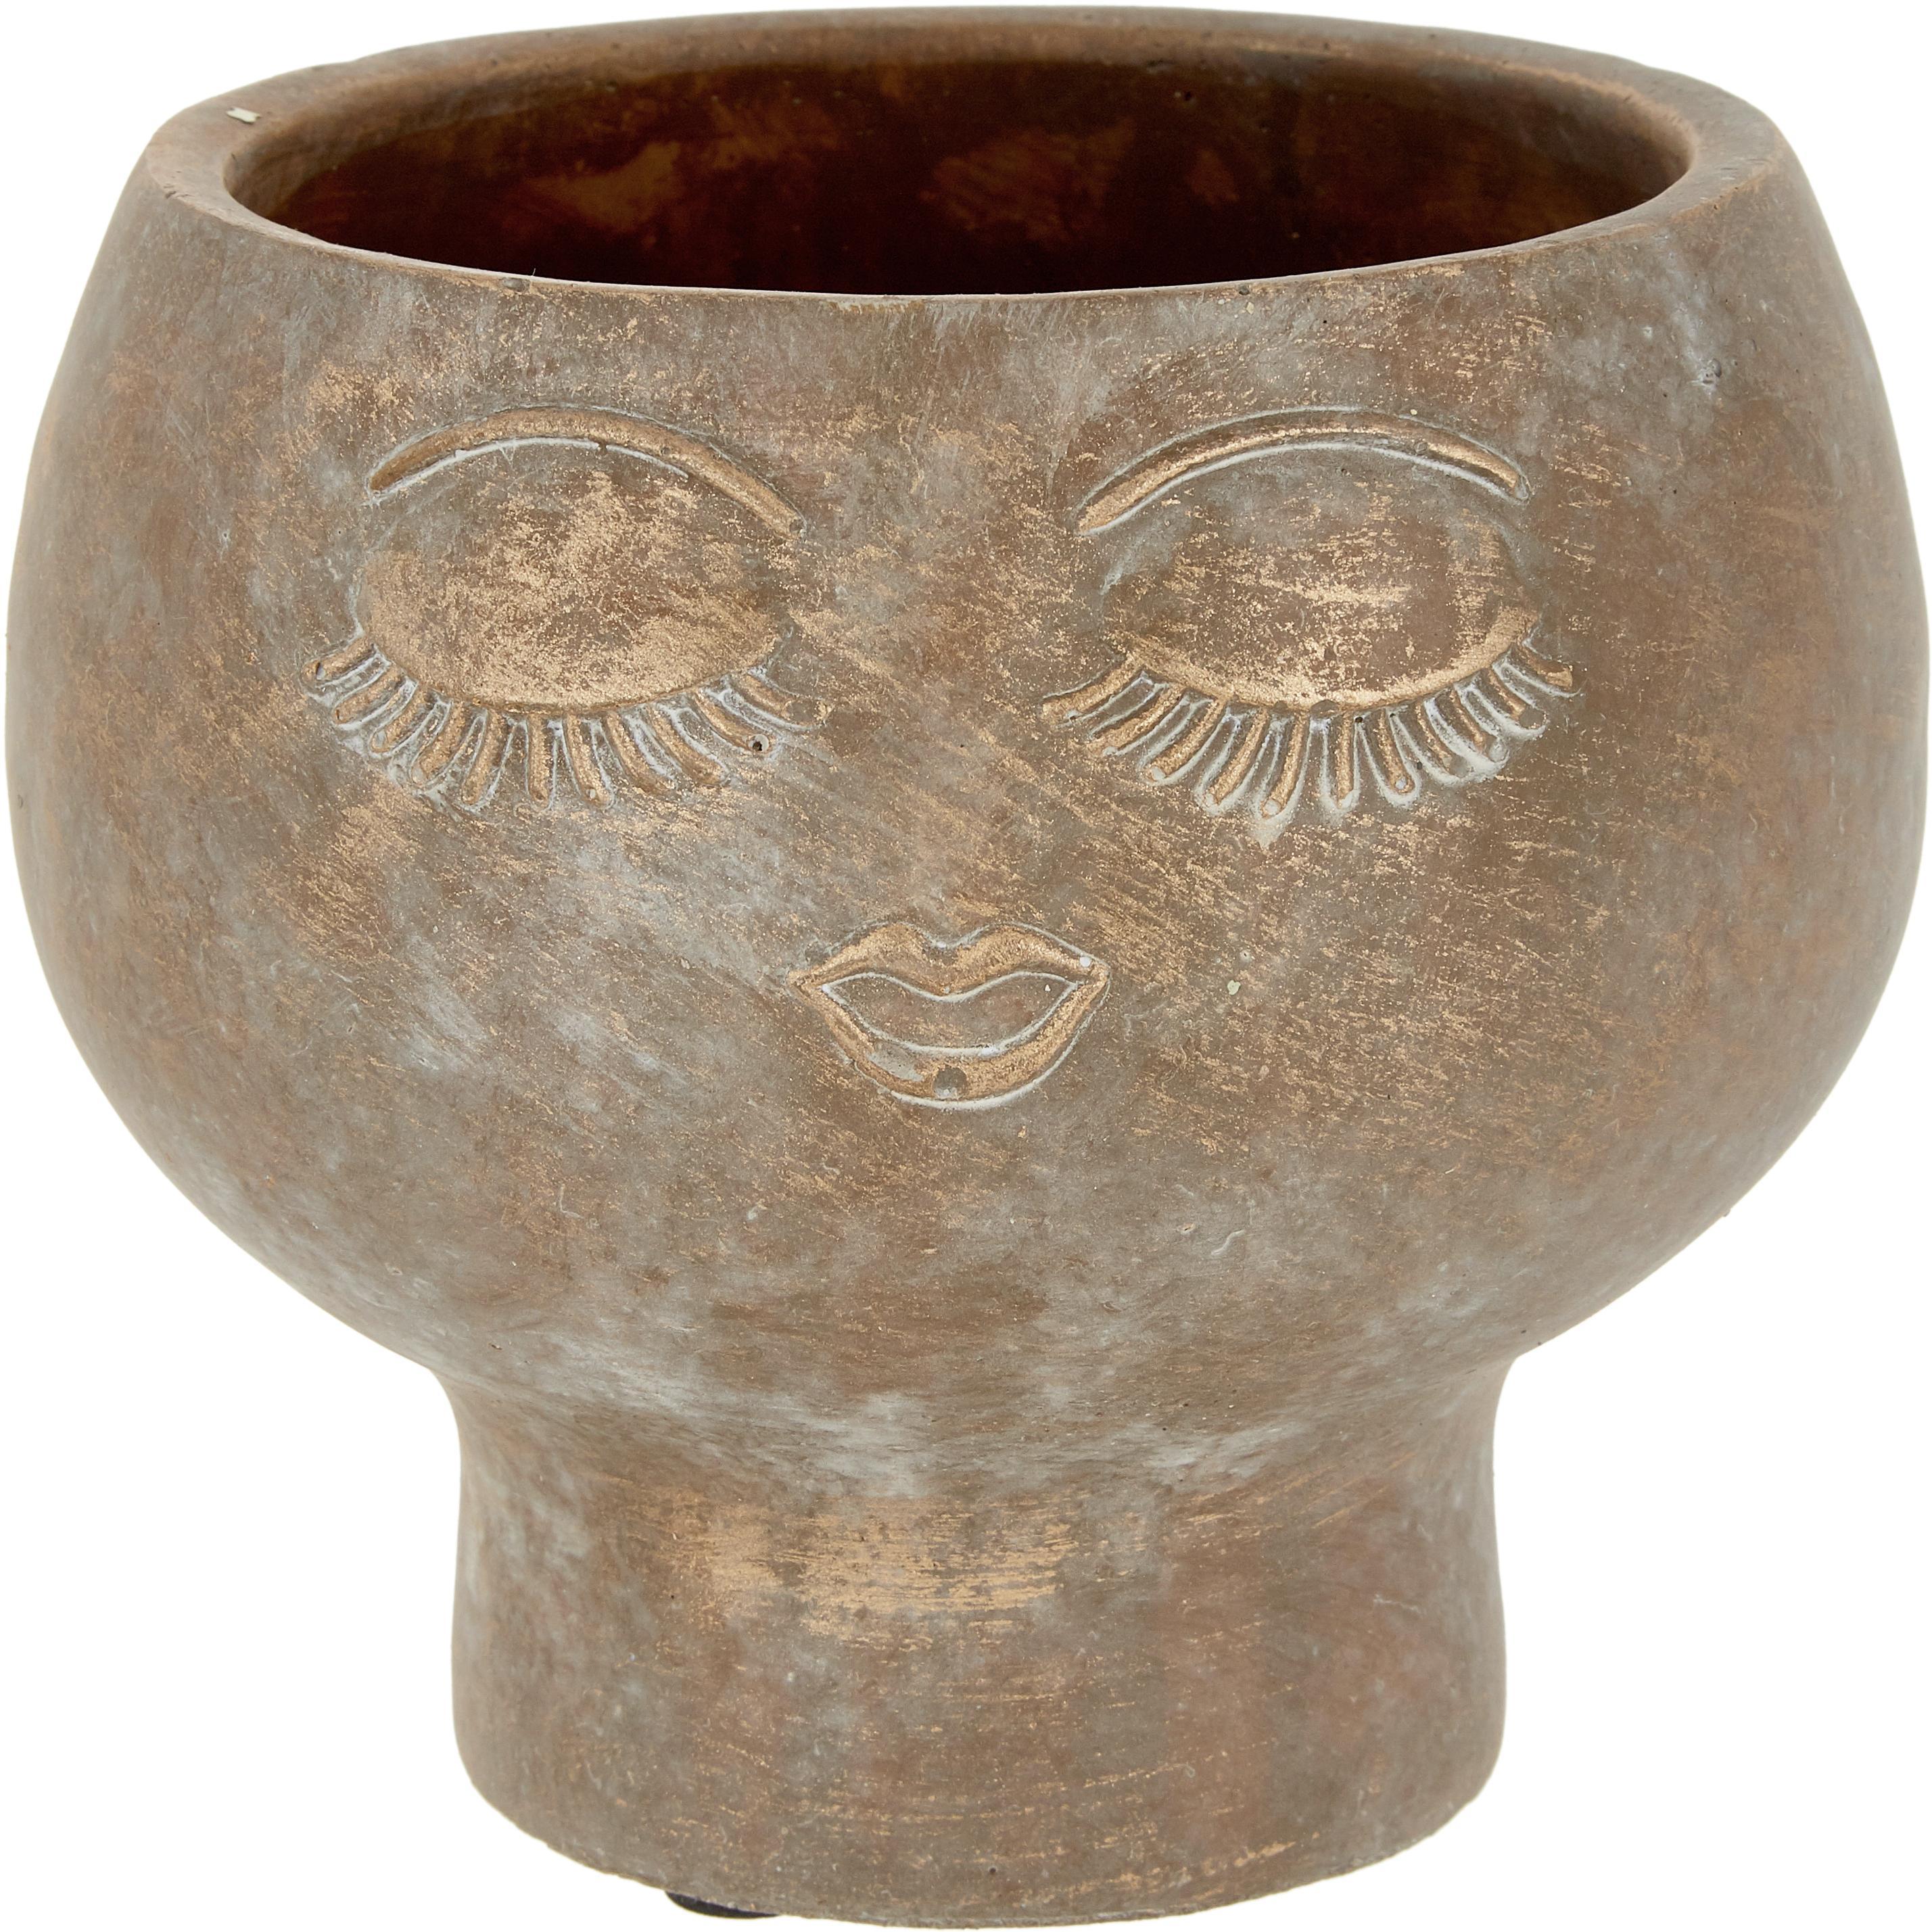 Portavaso in cemento Consi, Cemento, rivestito, Ottonato, Ø 16 x Alt. 17 cm